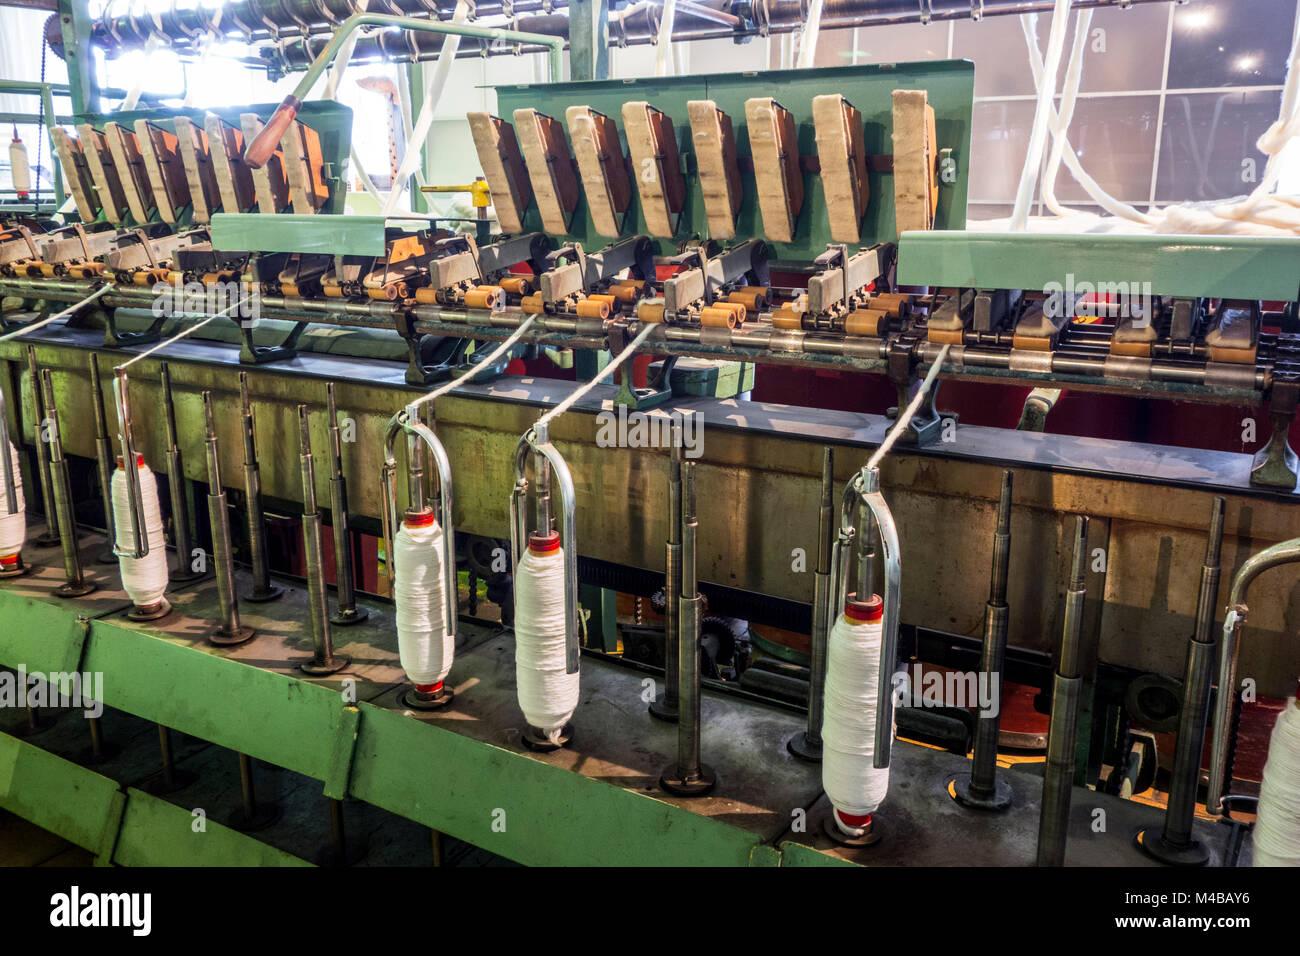 Flyer Maschine für die Abfassung der Splitter in Roving durch Verdrehen der Fasern in Cotton Mill/Karde, dass Stockbild